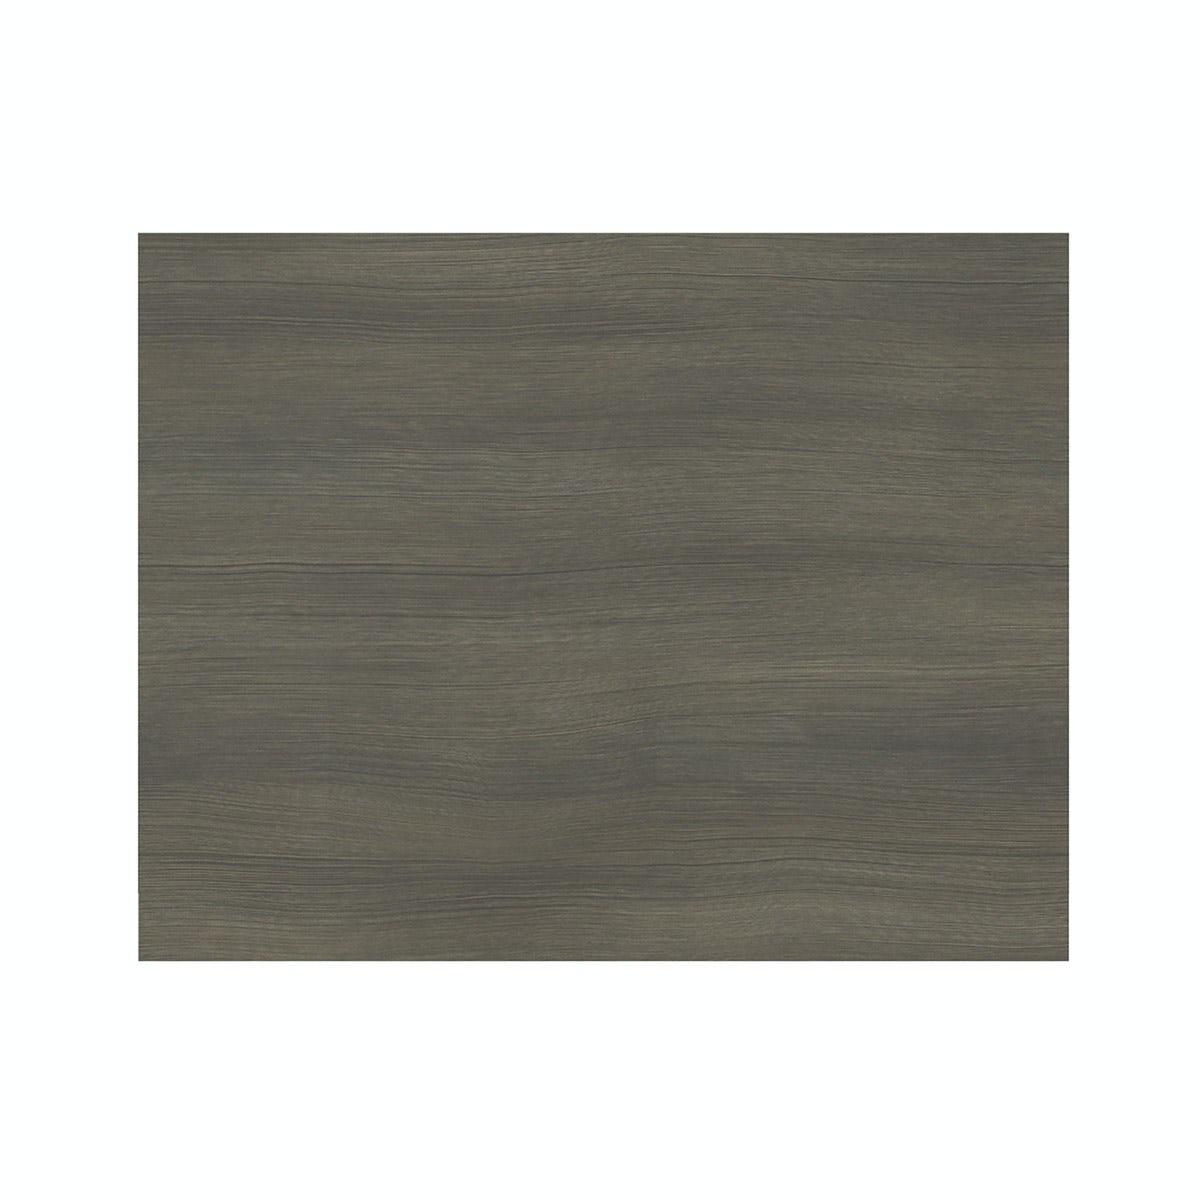 Orchard Wye walnut shower bath end panel 680mm